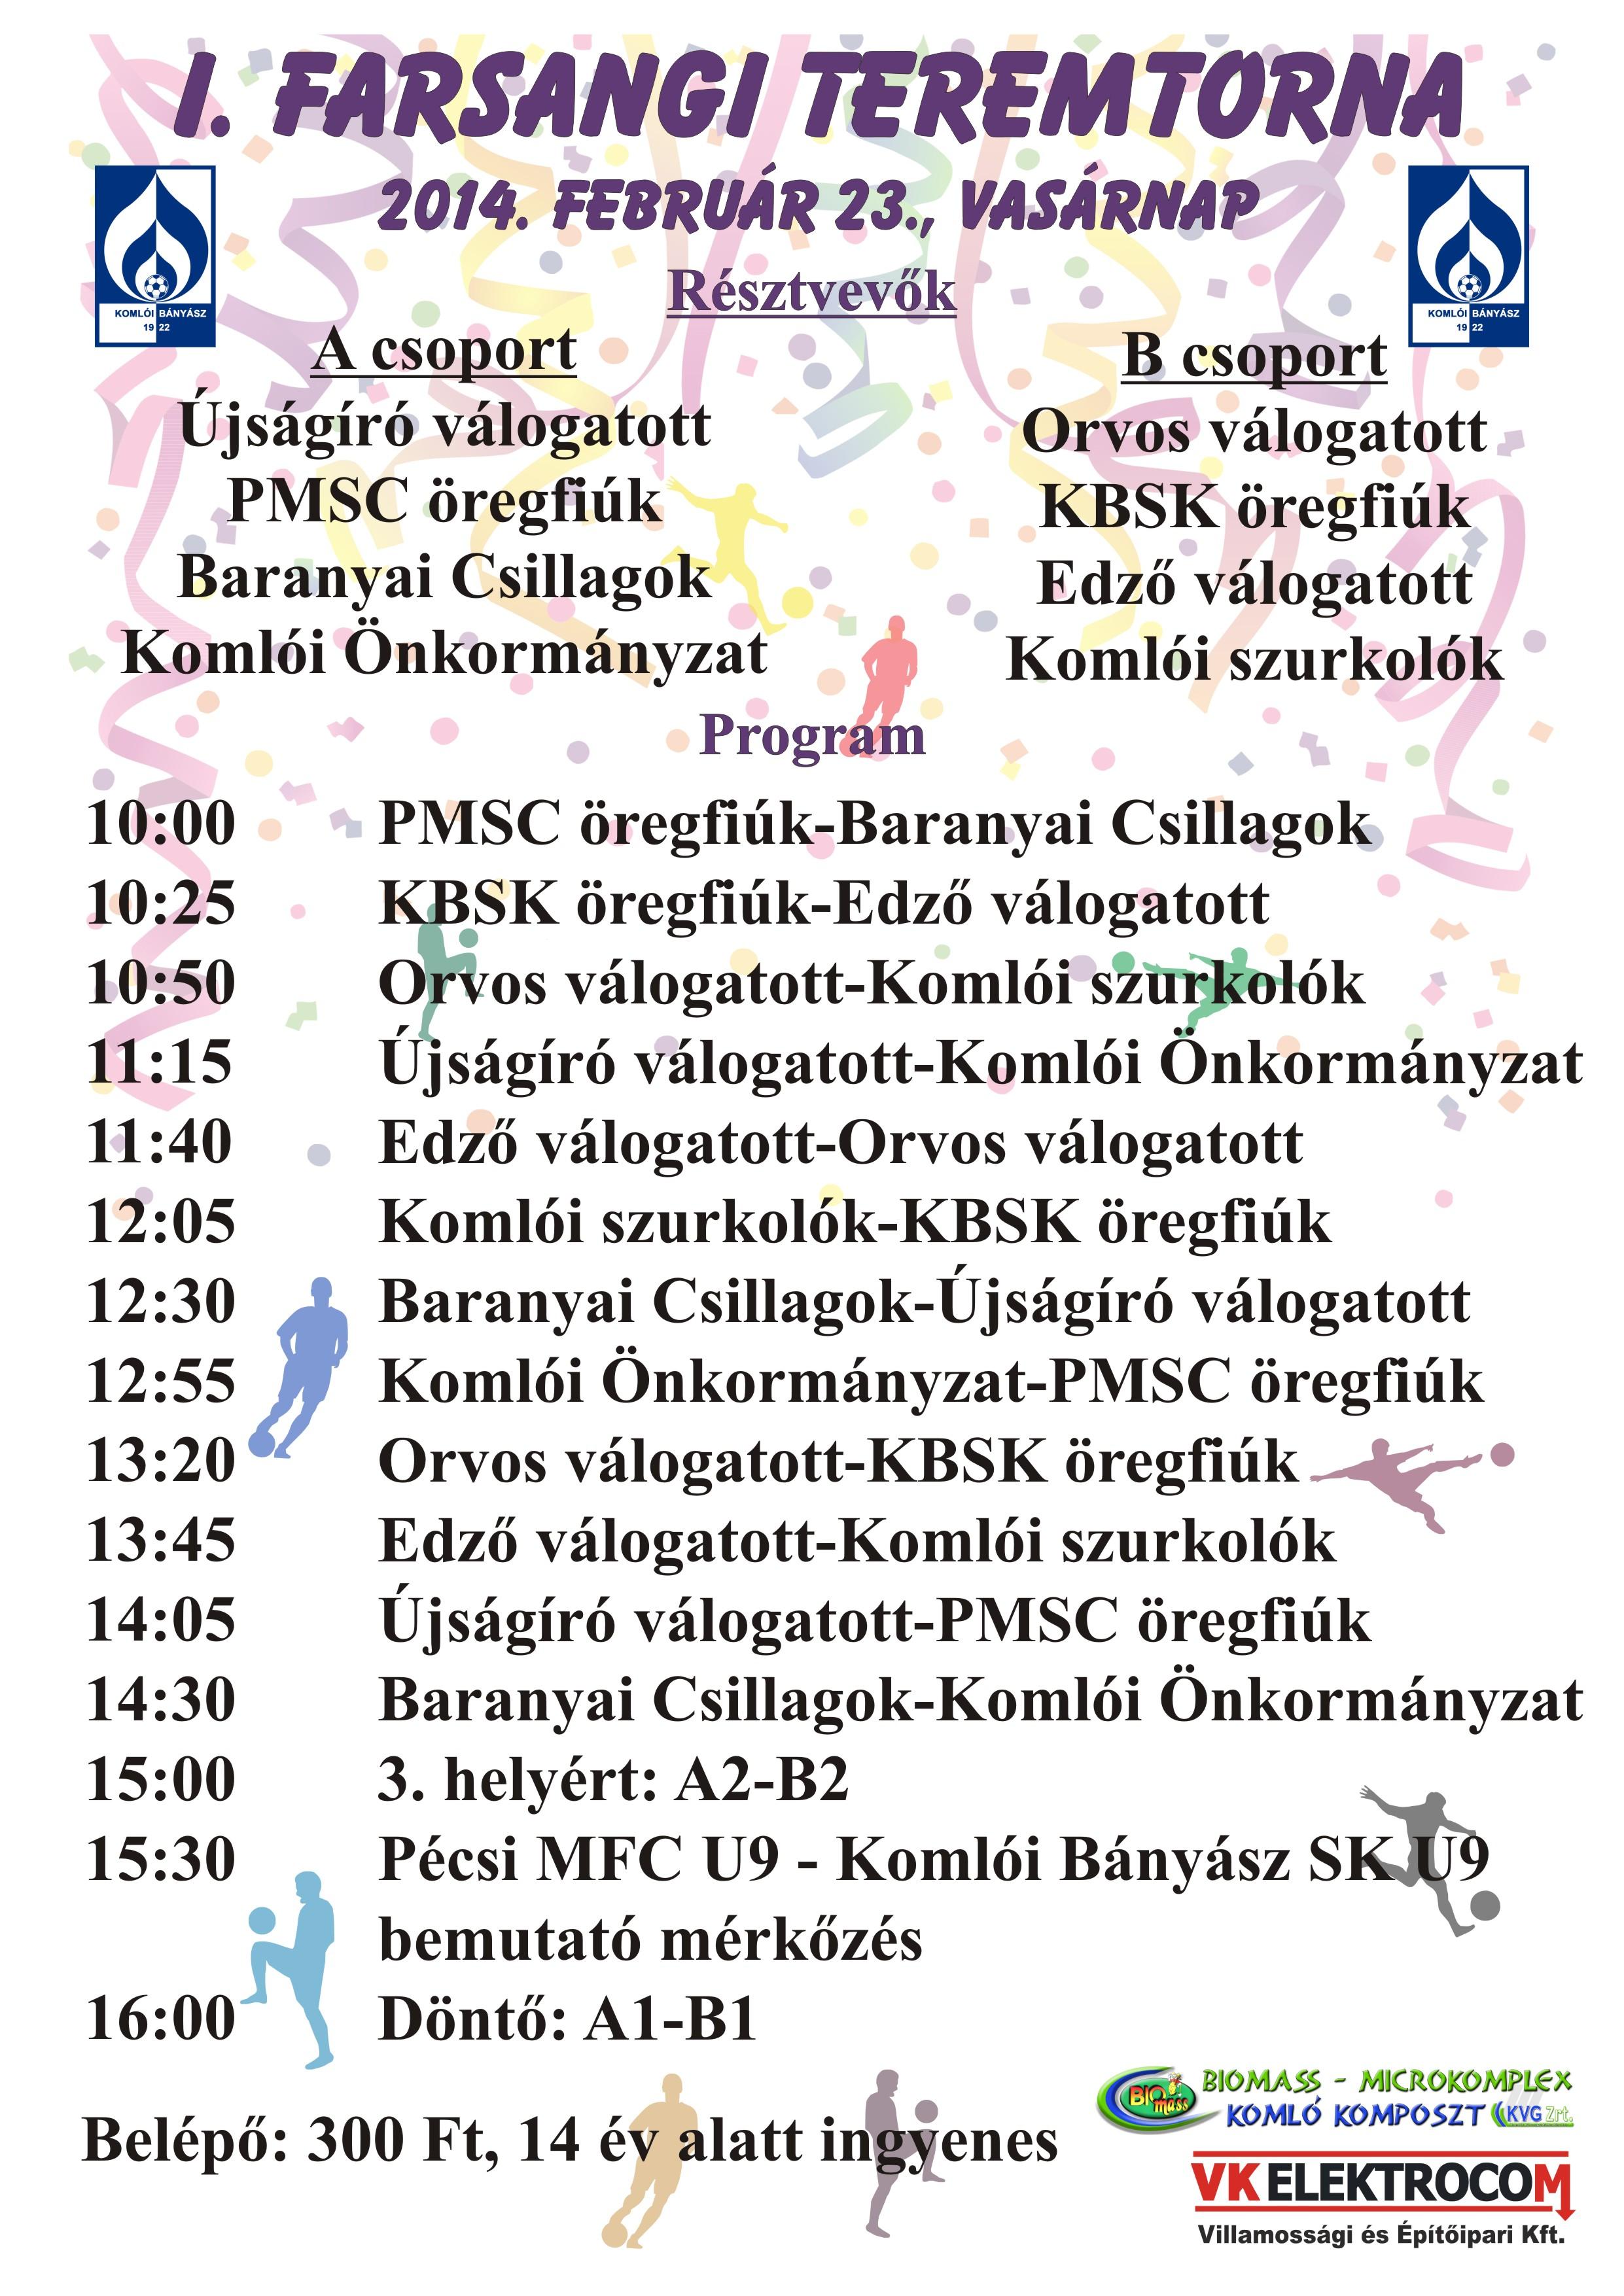 I. Farsangi Teremtorna plakát